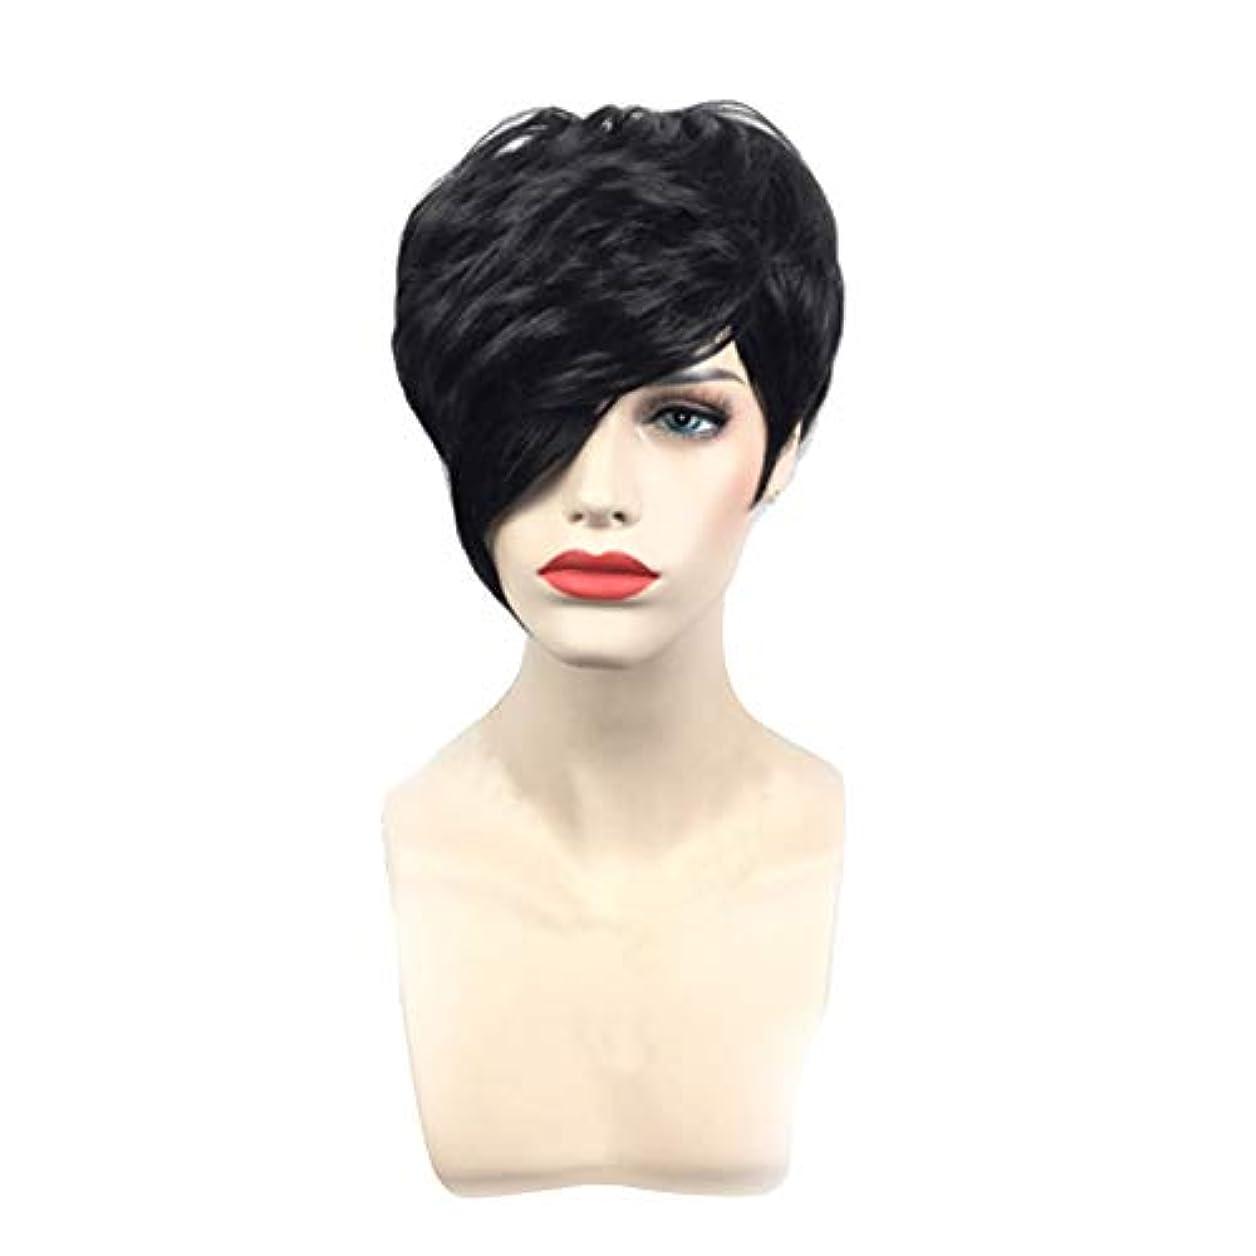 病院委任する大胆な黒の短いストレートヘアフルウィッグファッションコス小道具かつら